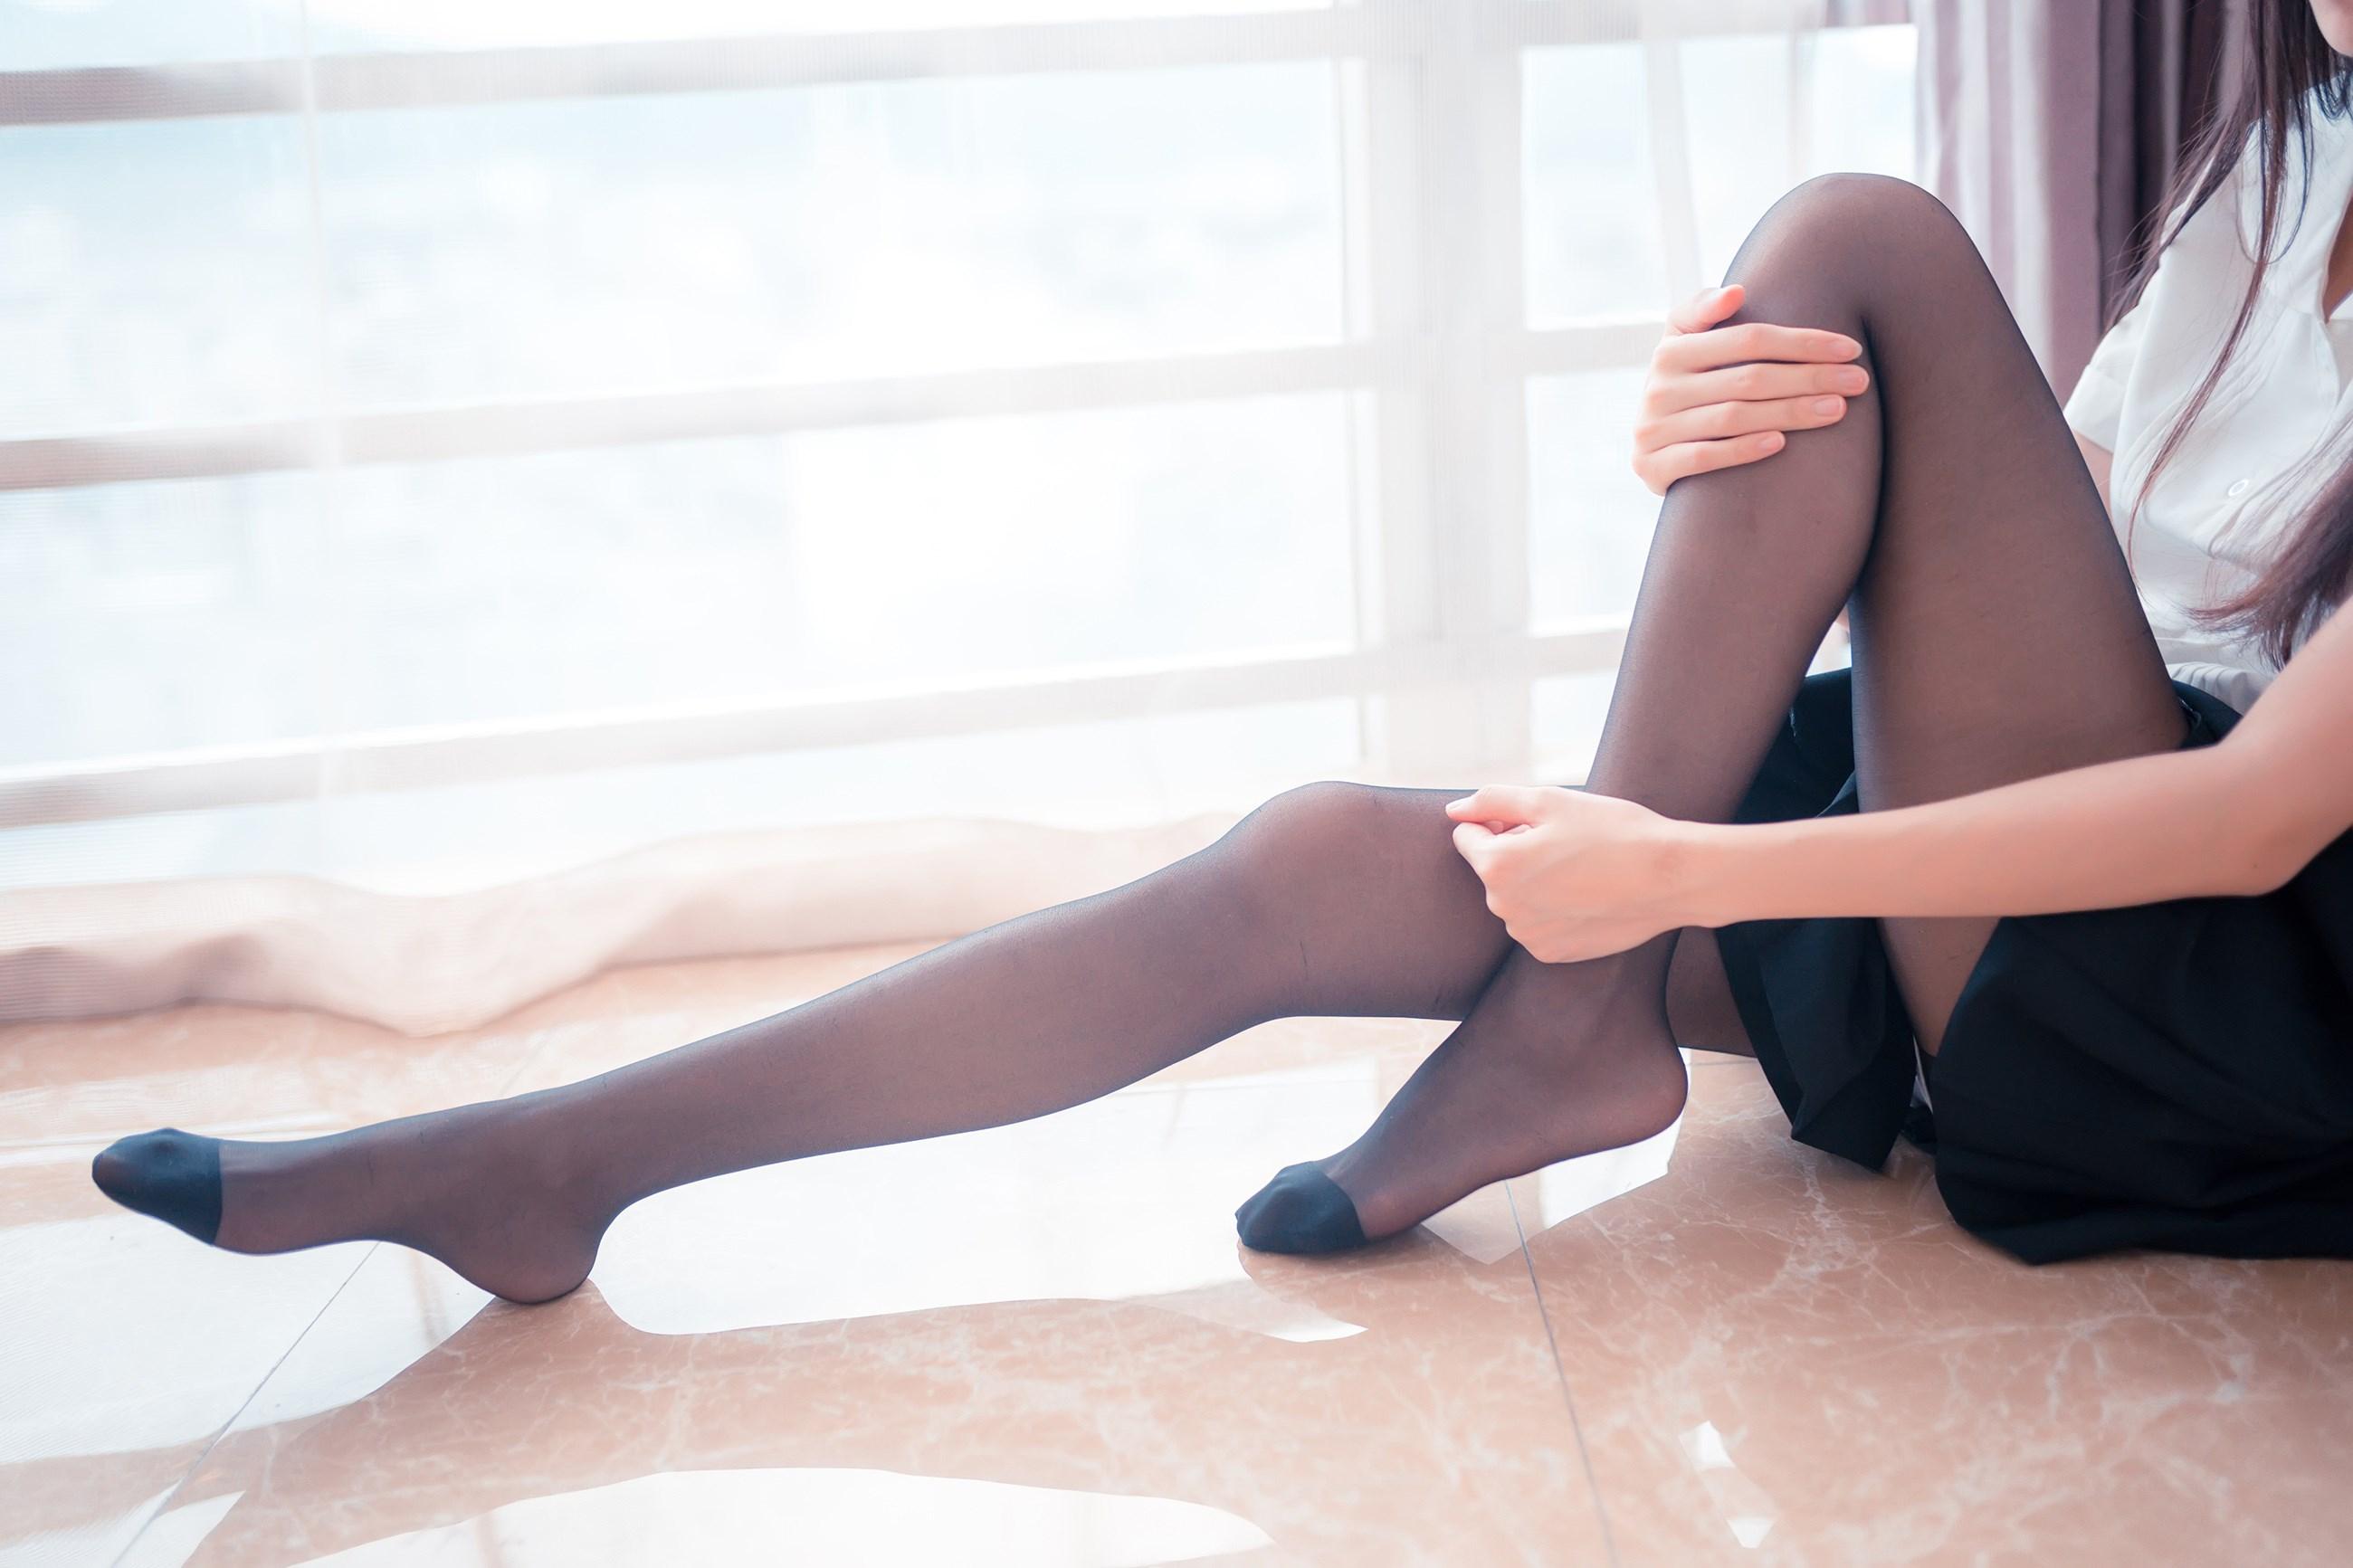 【兔玩映画】黑丝和百褶裙 兔玩映画 第11张